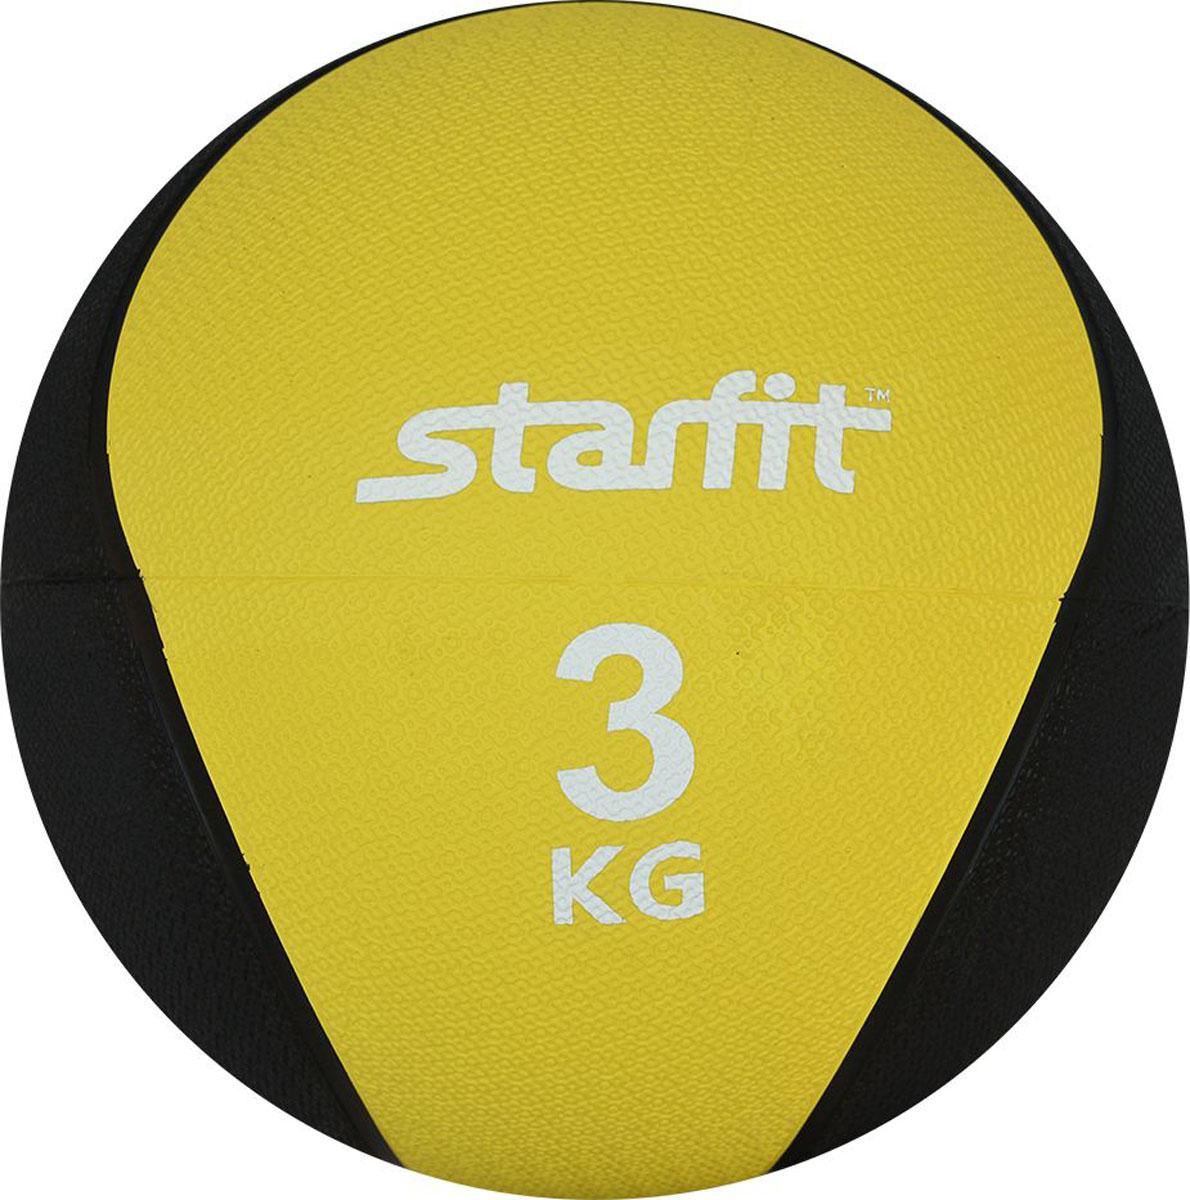 Медицинбол Starfit Pro GB-702, цвет: желтый, 3 кгУТ-00007300Медицинбол Starfit Pro GB-702 - это важный аксессуар для функциональной тренировки тела. Серия медболов PRO Starfit отличается повышенной плотностью и жесткостью поверхности, а также ярким цветным дизайном.Медбол используют в групповых программах, функциональном тренинге, бодибилдинге и фитнесе. Также его используют профессиональные спортсмены в единоборствах. Помогает в тренировке мышц кора (пресса), мышц рук, грудной клетки, спины, плеч, ног и ягодиц. Фактически с помощью него можно провести полноценную тренировку для всего организма.Характеристики:Вес: 3 кг.Диаметр: 22,8 см.